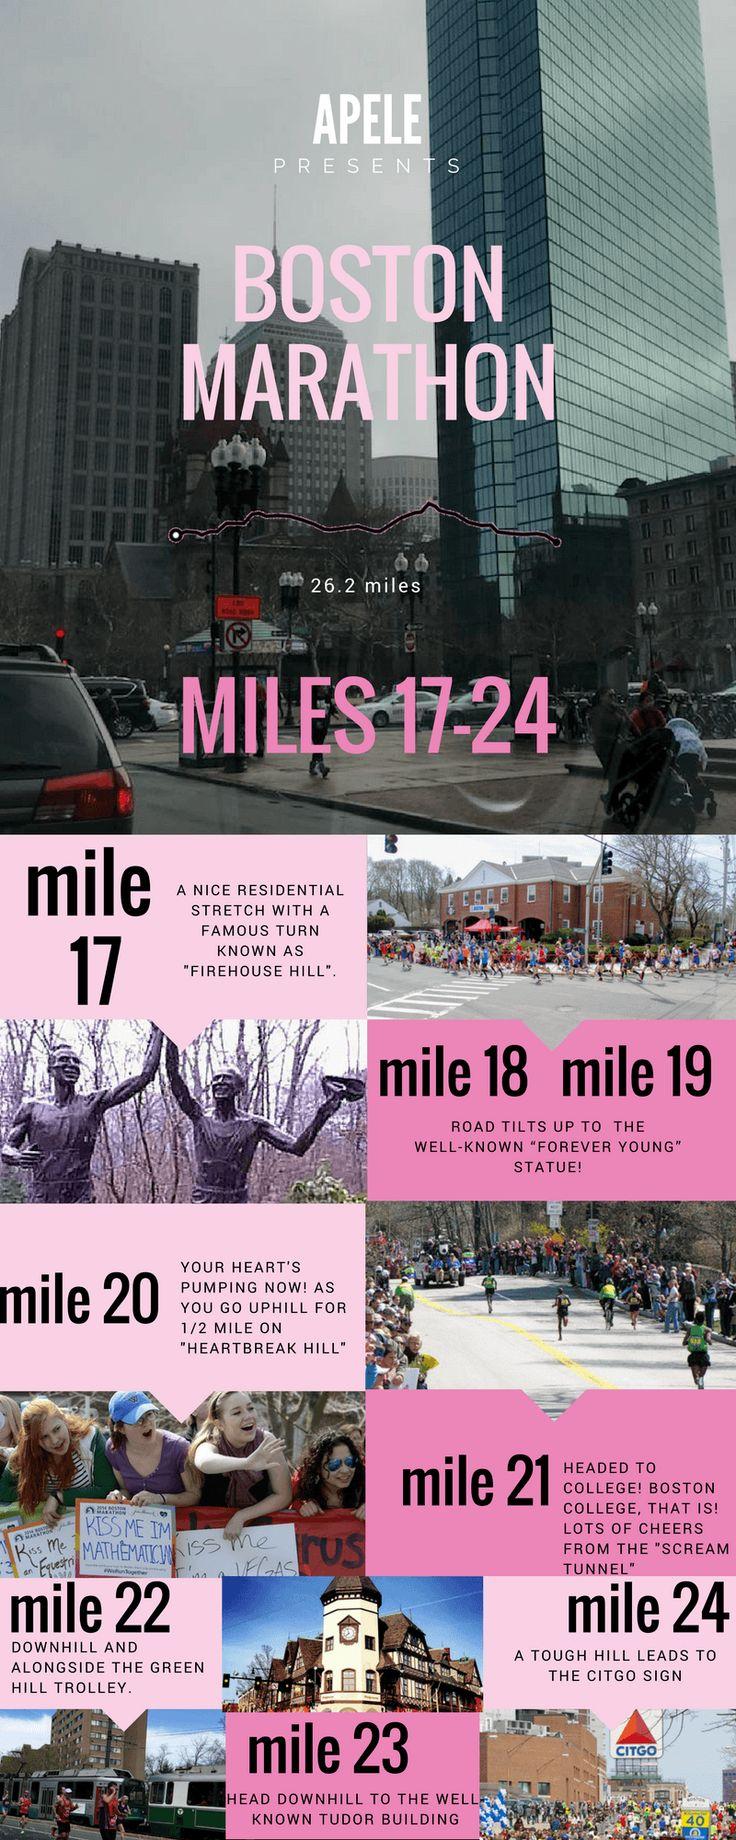 Boston Marathon - Mile By Mile  https://www.apele.com/blogs/boston-marathon-mile-by-mile